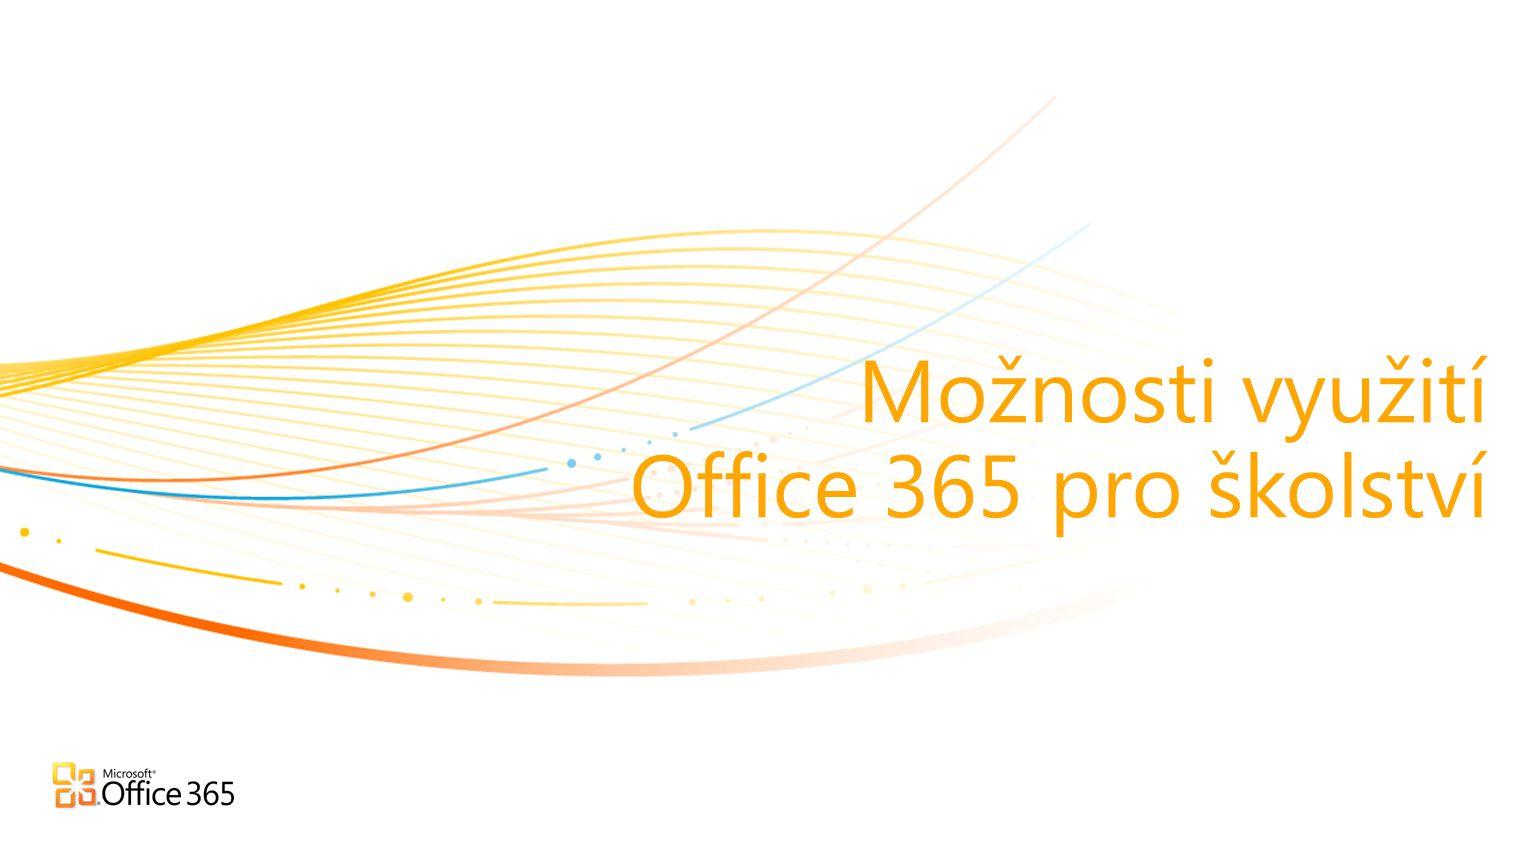 | Copyright© 2010 Microsoft Corporation NÍZKÉ NÁKLADYSPLNĚNÍ POTŘEB STUDENTŮ A PEDAGOGŮ Microsoft Office 365 přidaná hodnota pro vzdělávání VZDĚLÁVÁNÍ ODKUDKOLIV NEJVYŠŠÍ TŘÍDA BEZPEČNOSTI, SPOLEHLIVOSTI A OCHRANY DAT *Requires Microsoft Office 2007 or higher for best experience